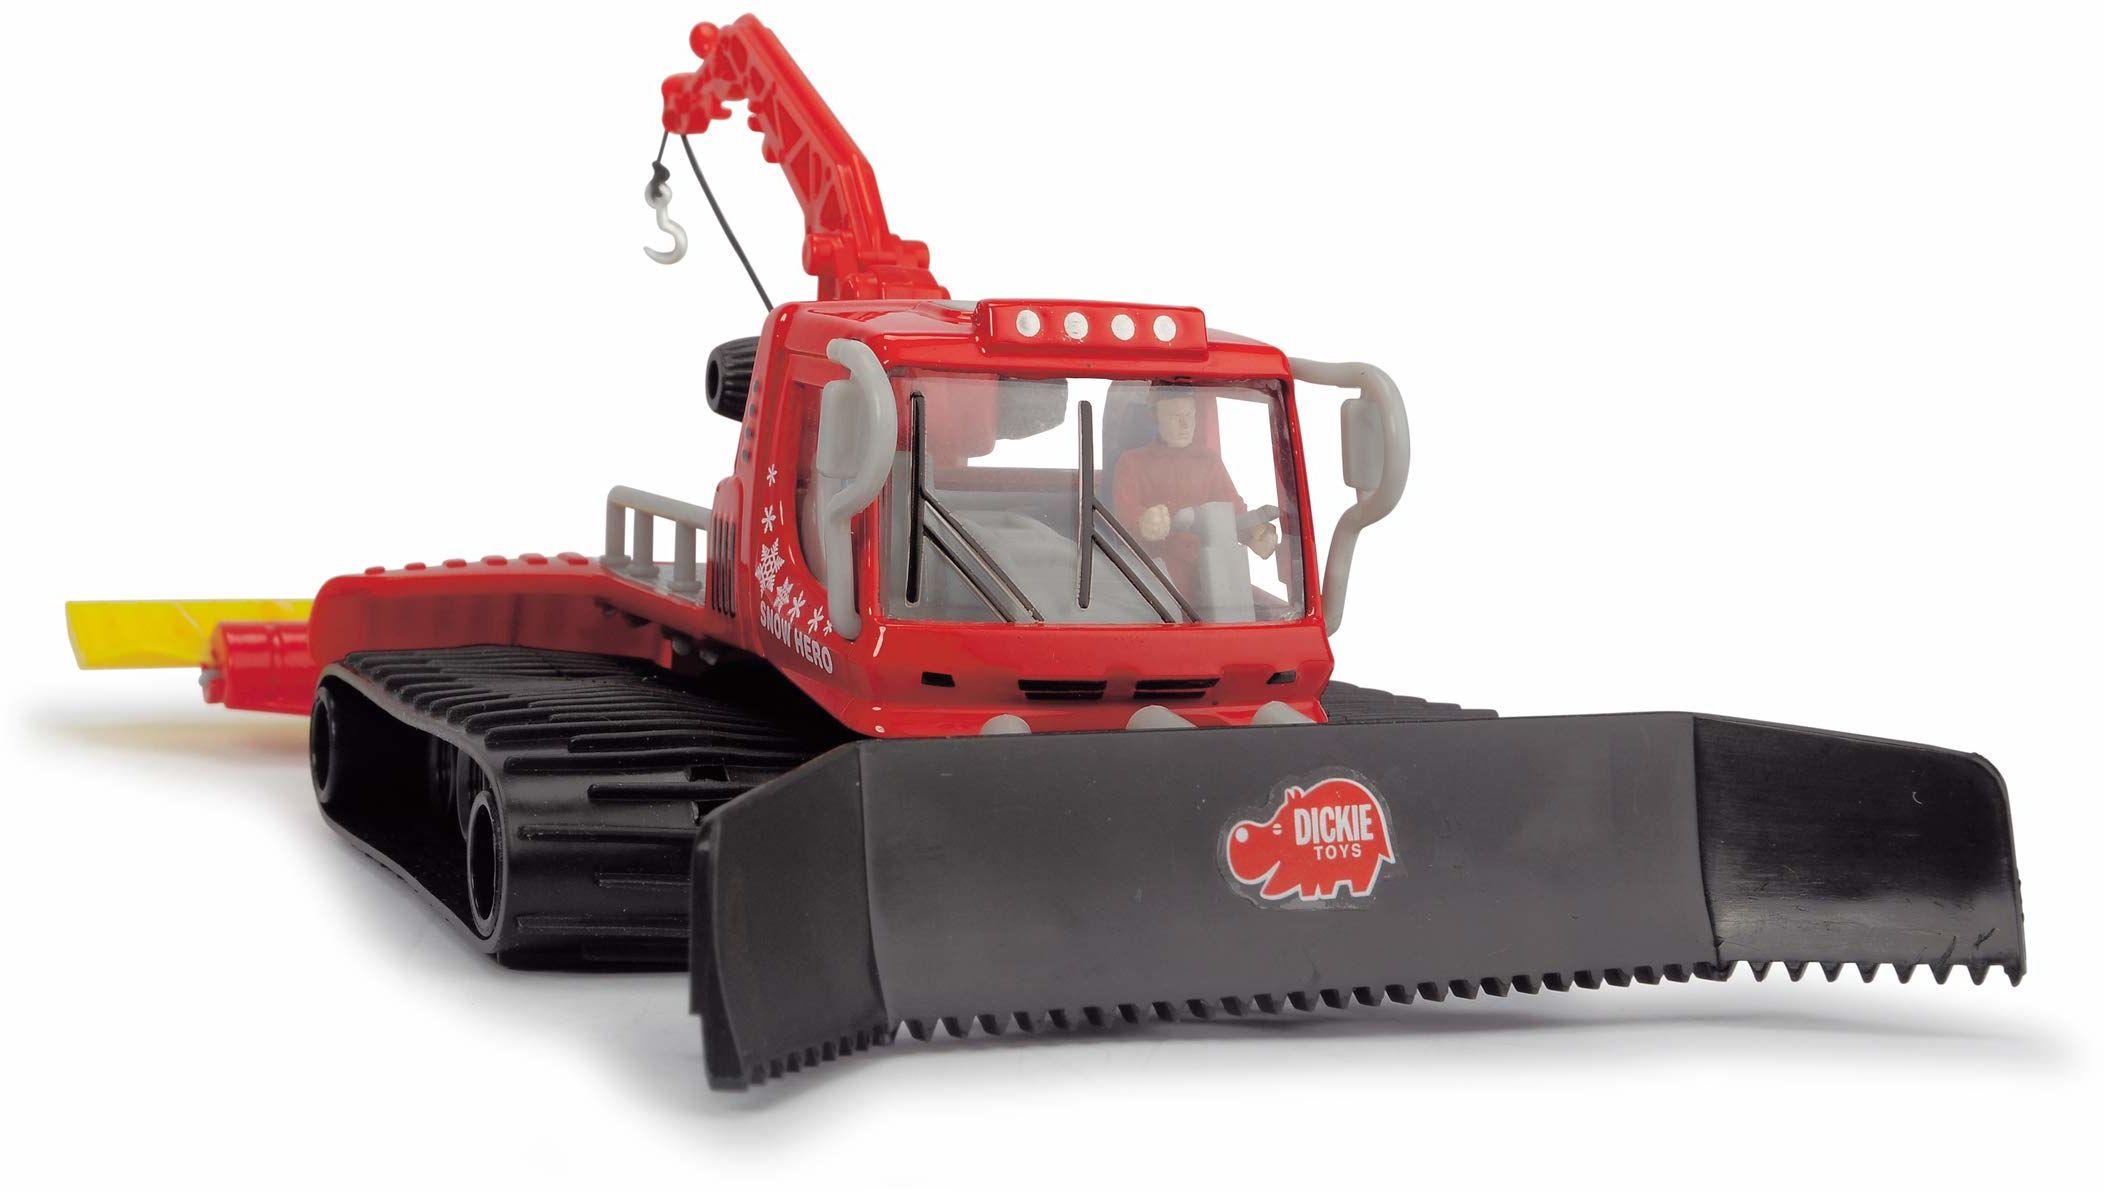 Dickie Toys Gąsienica, śnieżna gąsienica, Snow Hero, ruchome części, 23 cm wielkość, czerwony/czarny